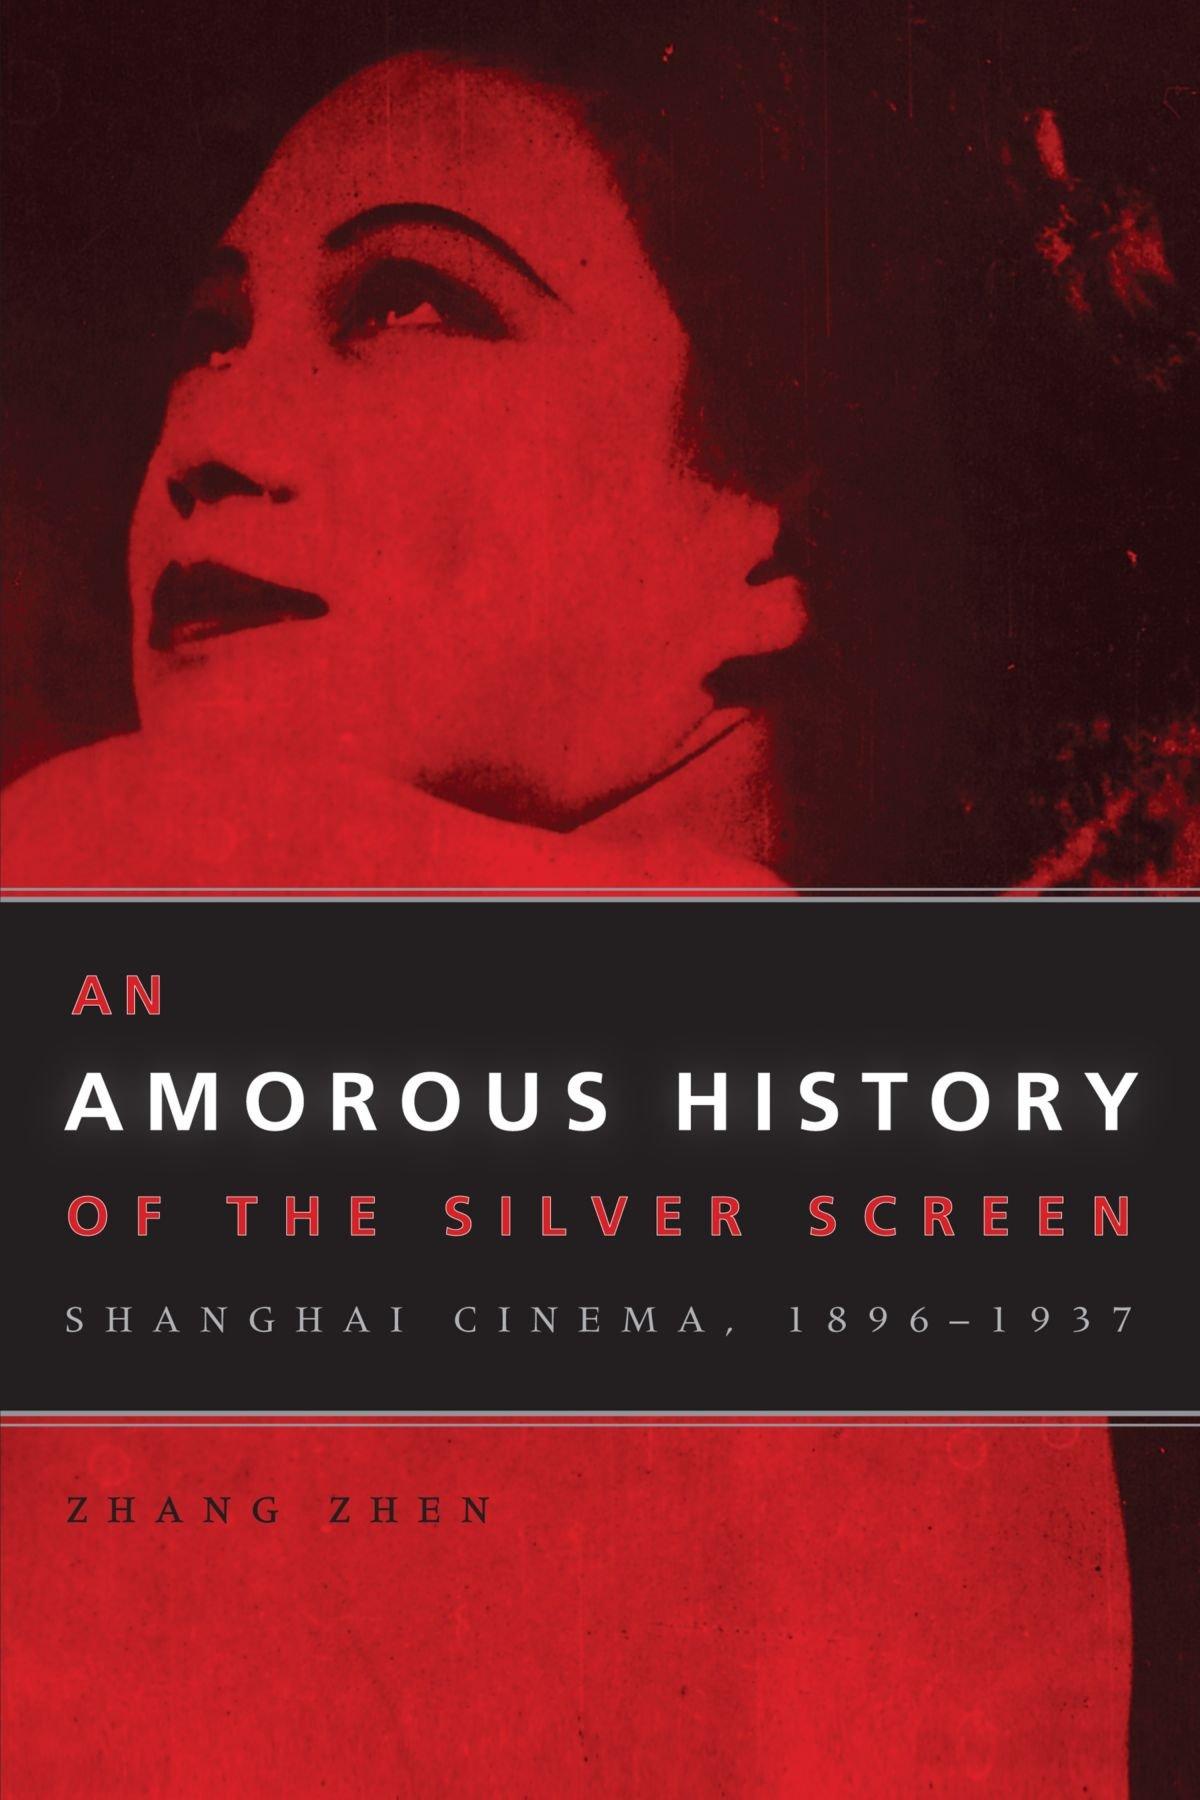 An Amorous History 2005 by Zhang Zhen